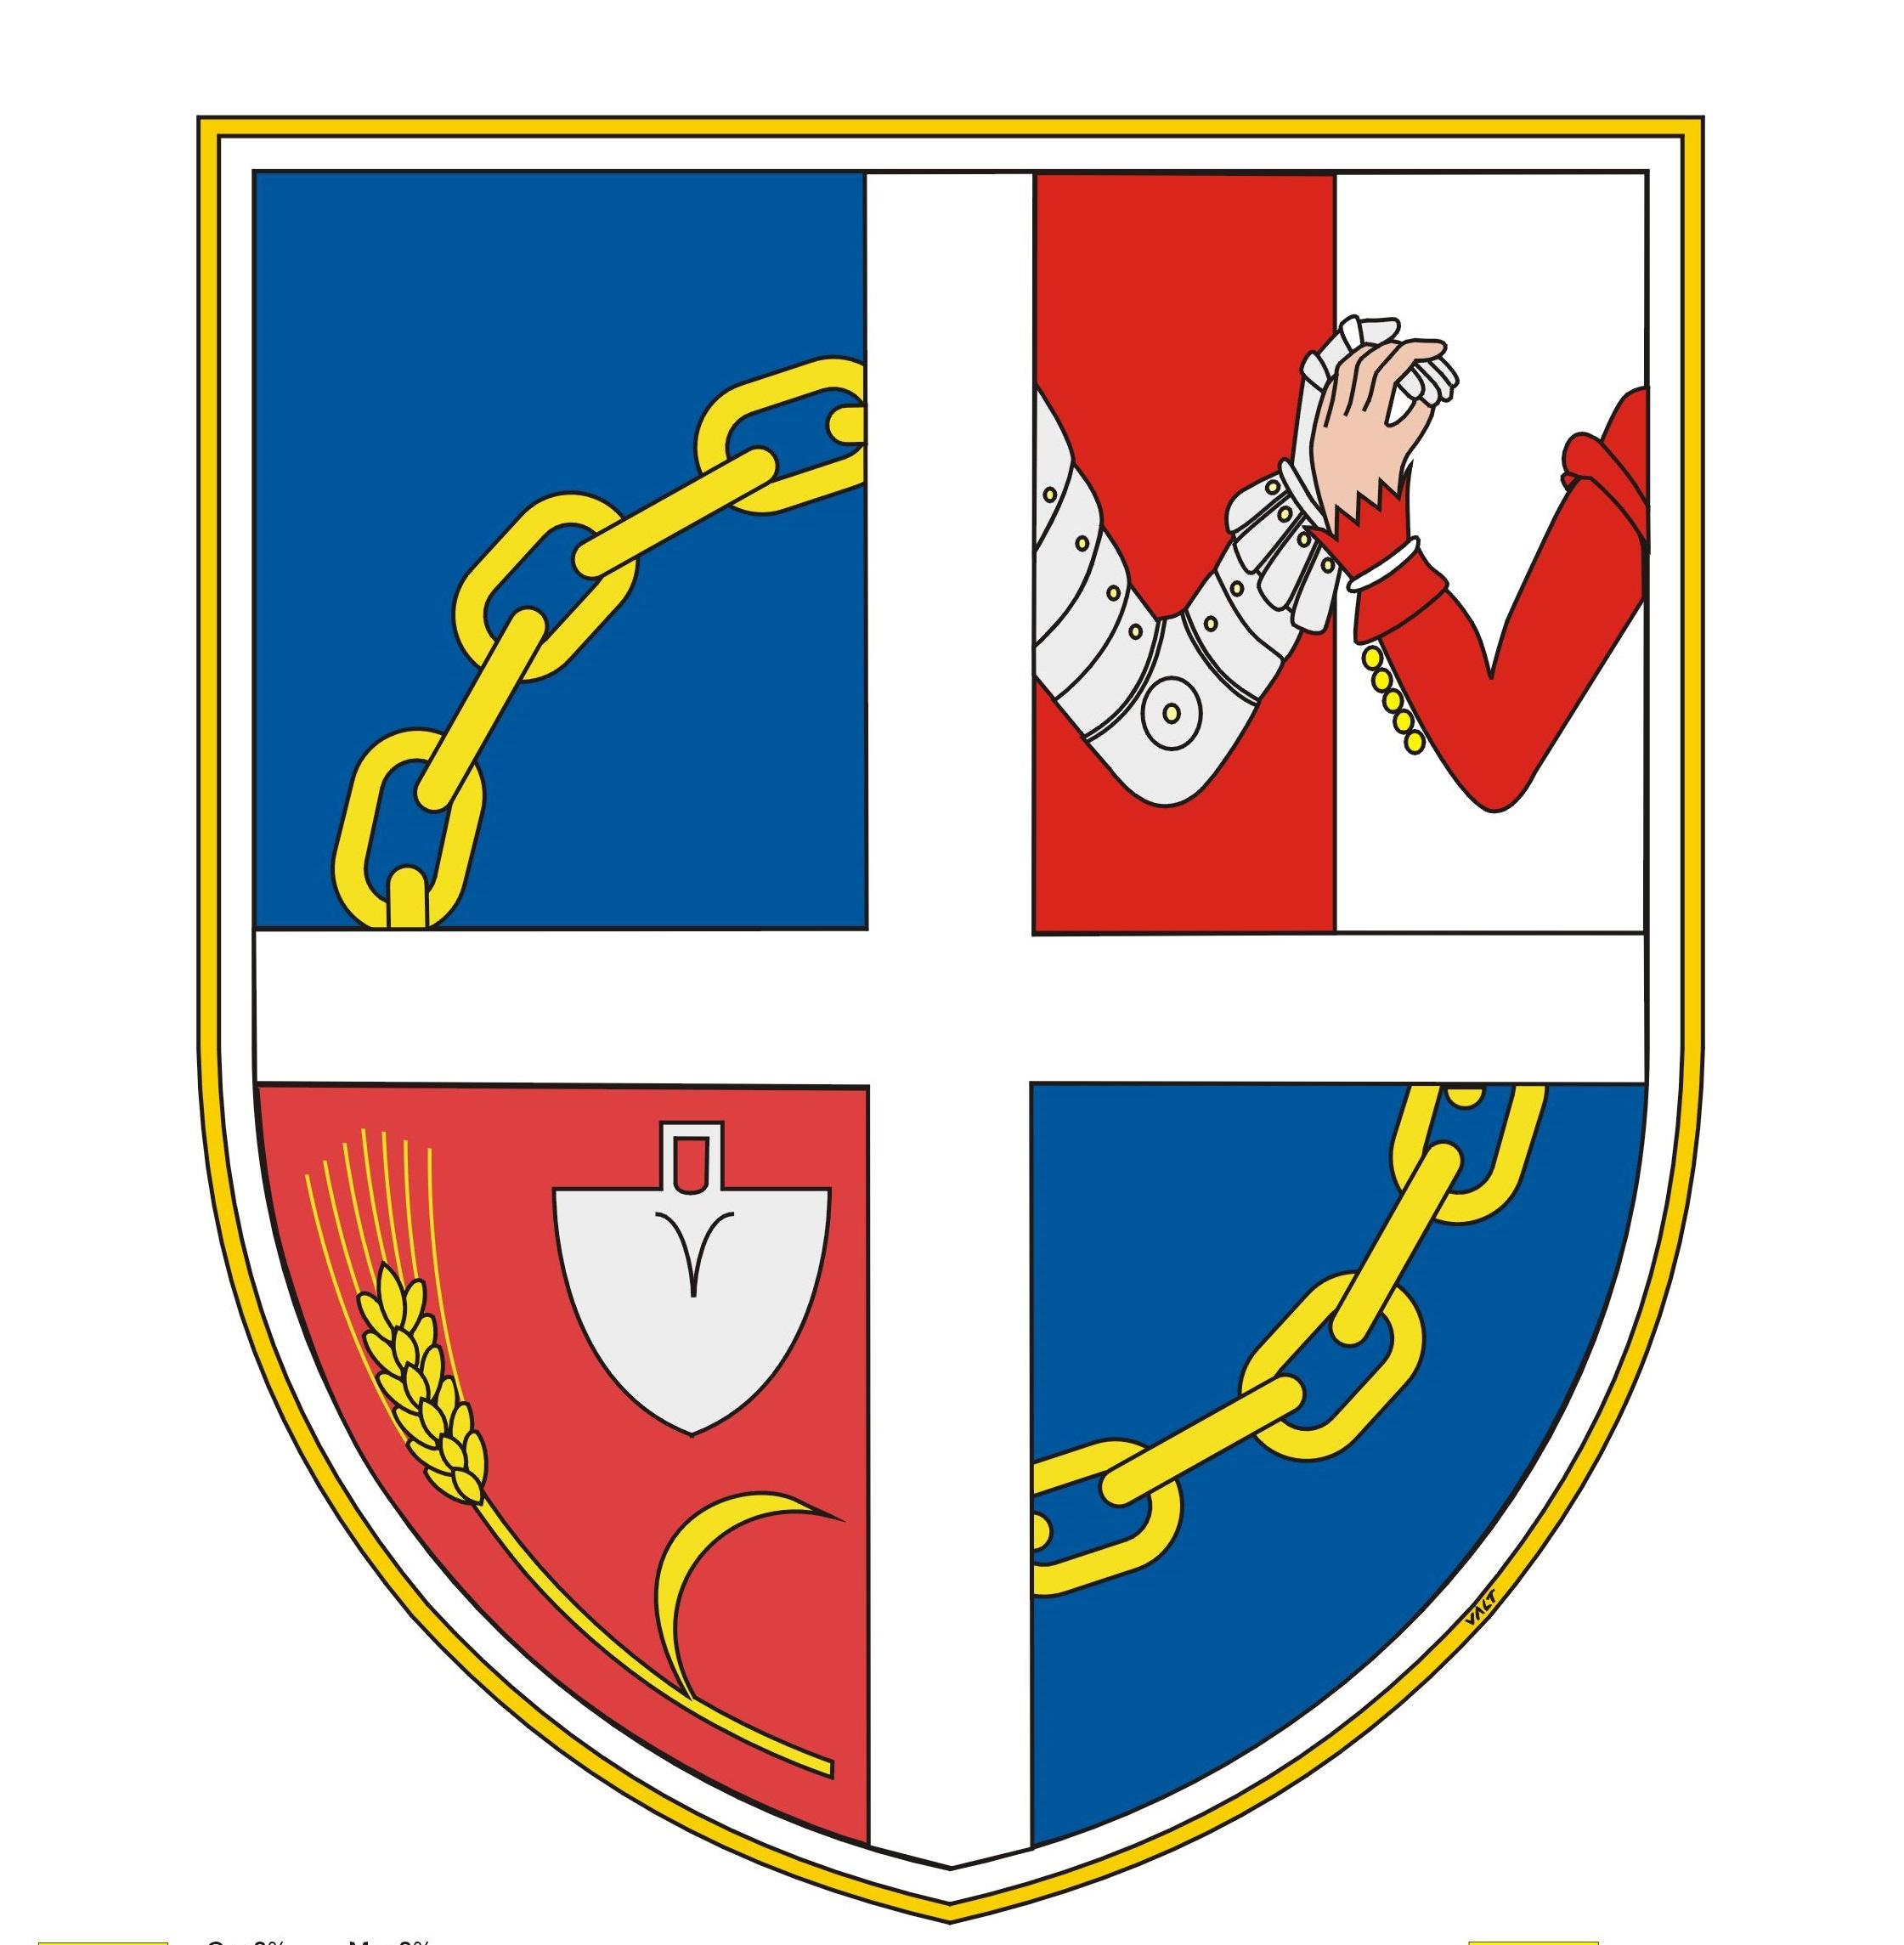 grb ks nova cerkev